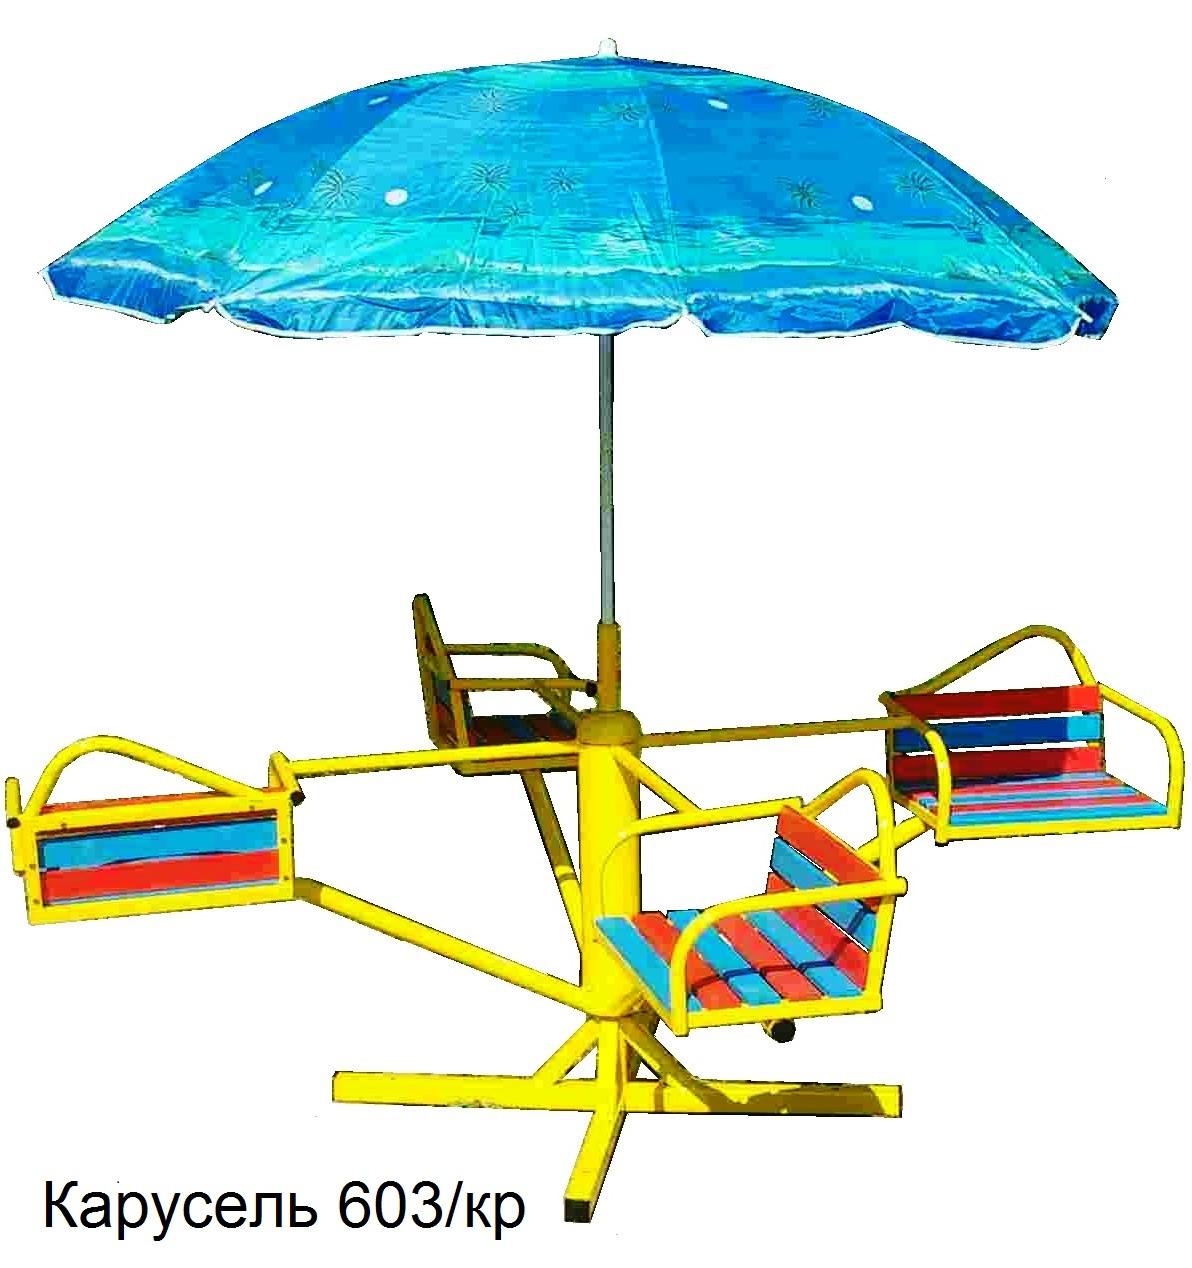 Карусель детская с зонтиком 4-местная